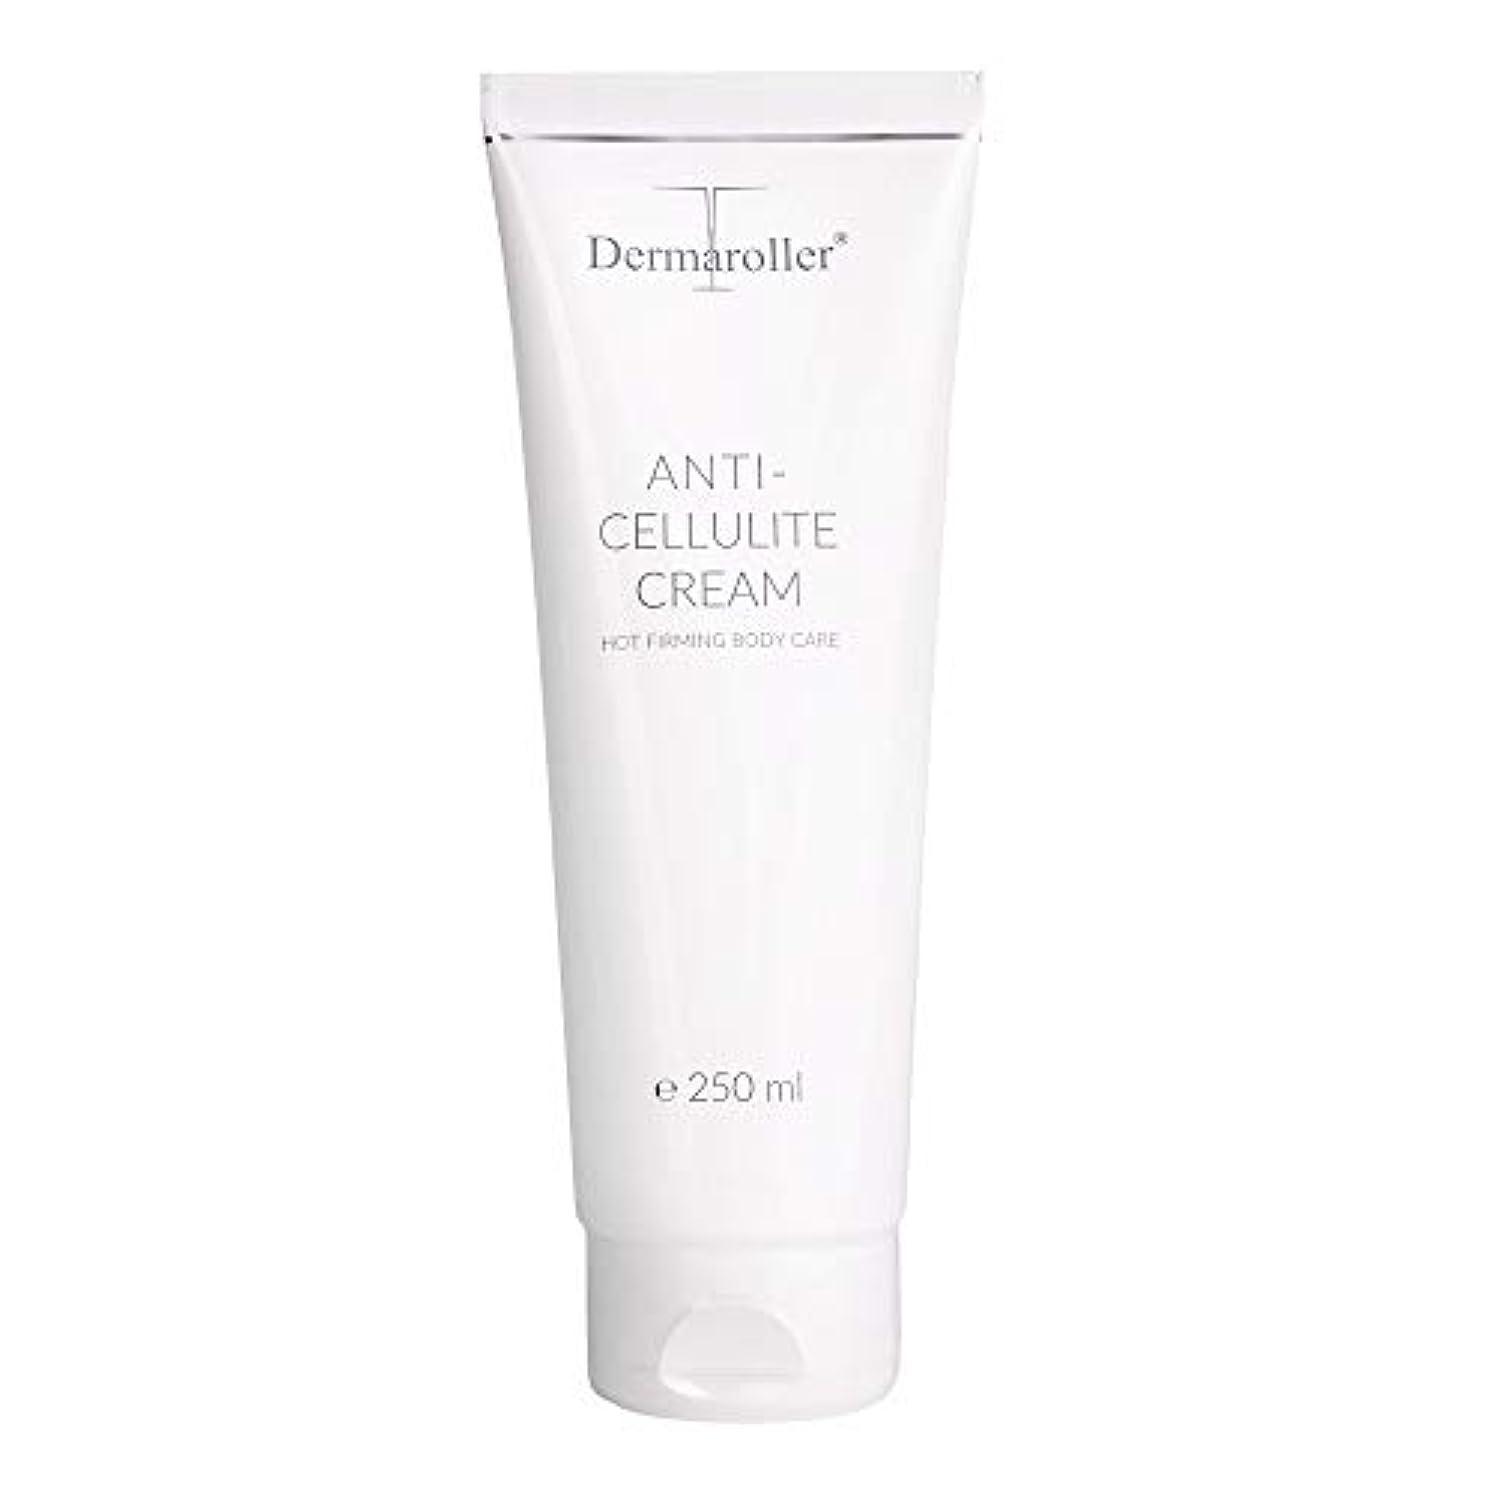 闘争チャンピオンシップ柔らかい足Dermaroller アンチ セルライト クリーム 250ml [Dermaroller]Anti-Cellulite Cream